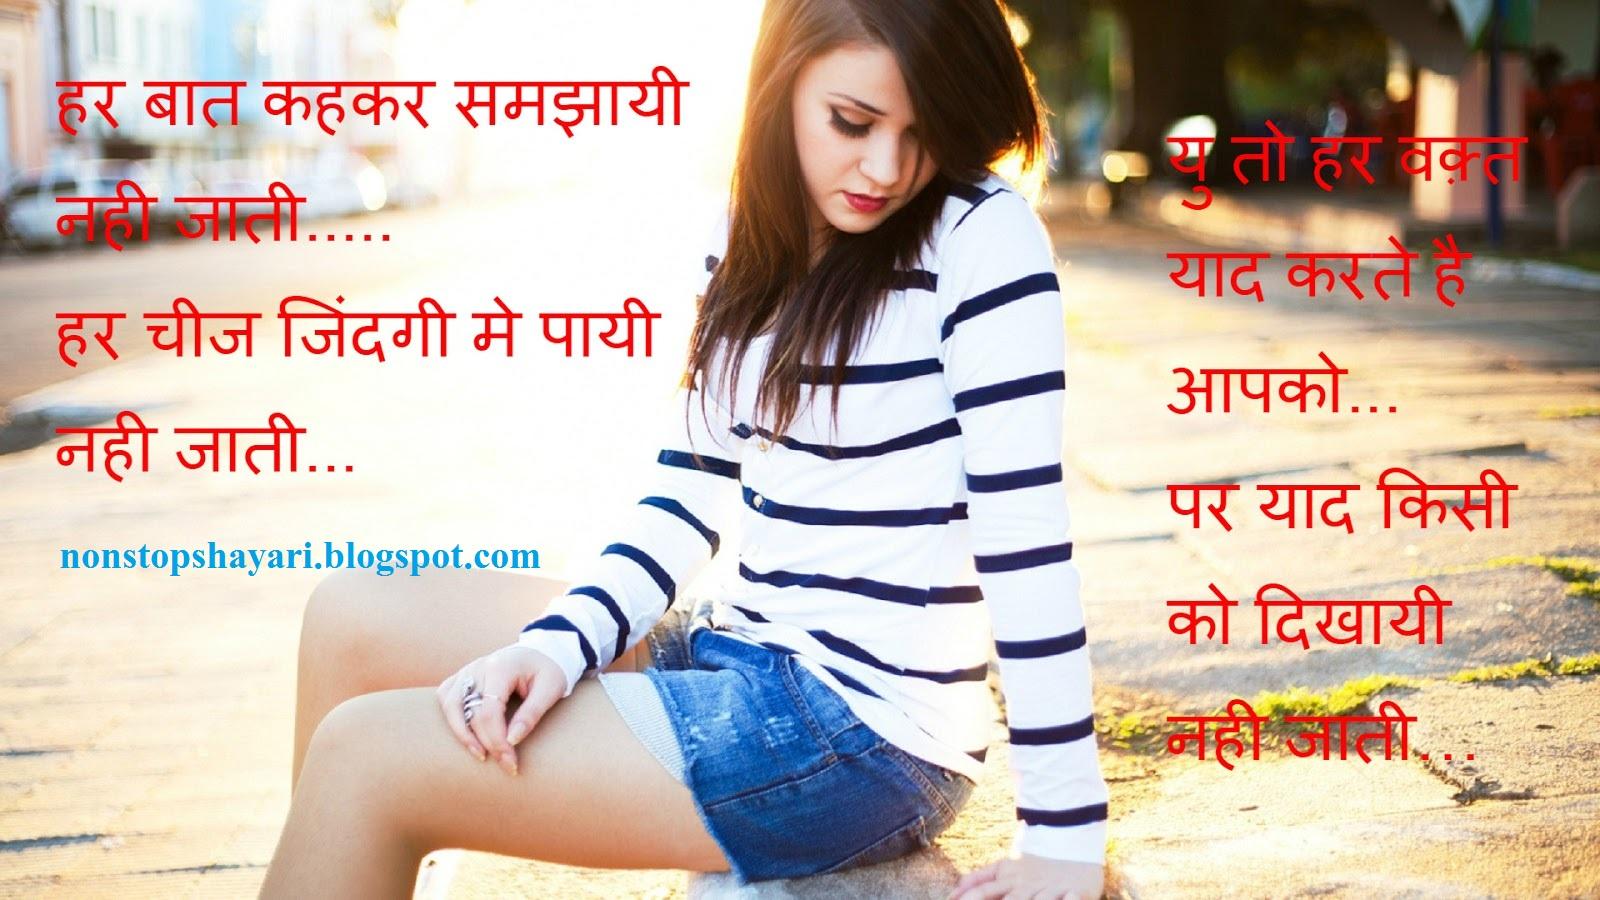 Love Romantic Shayari: Romantic Sad shayari saza jab aapne